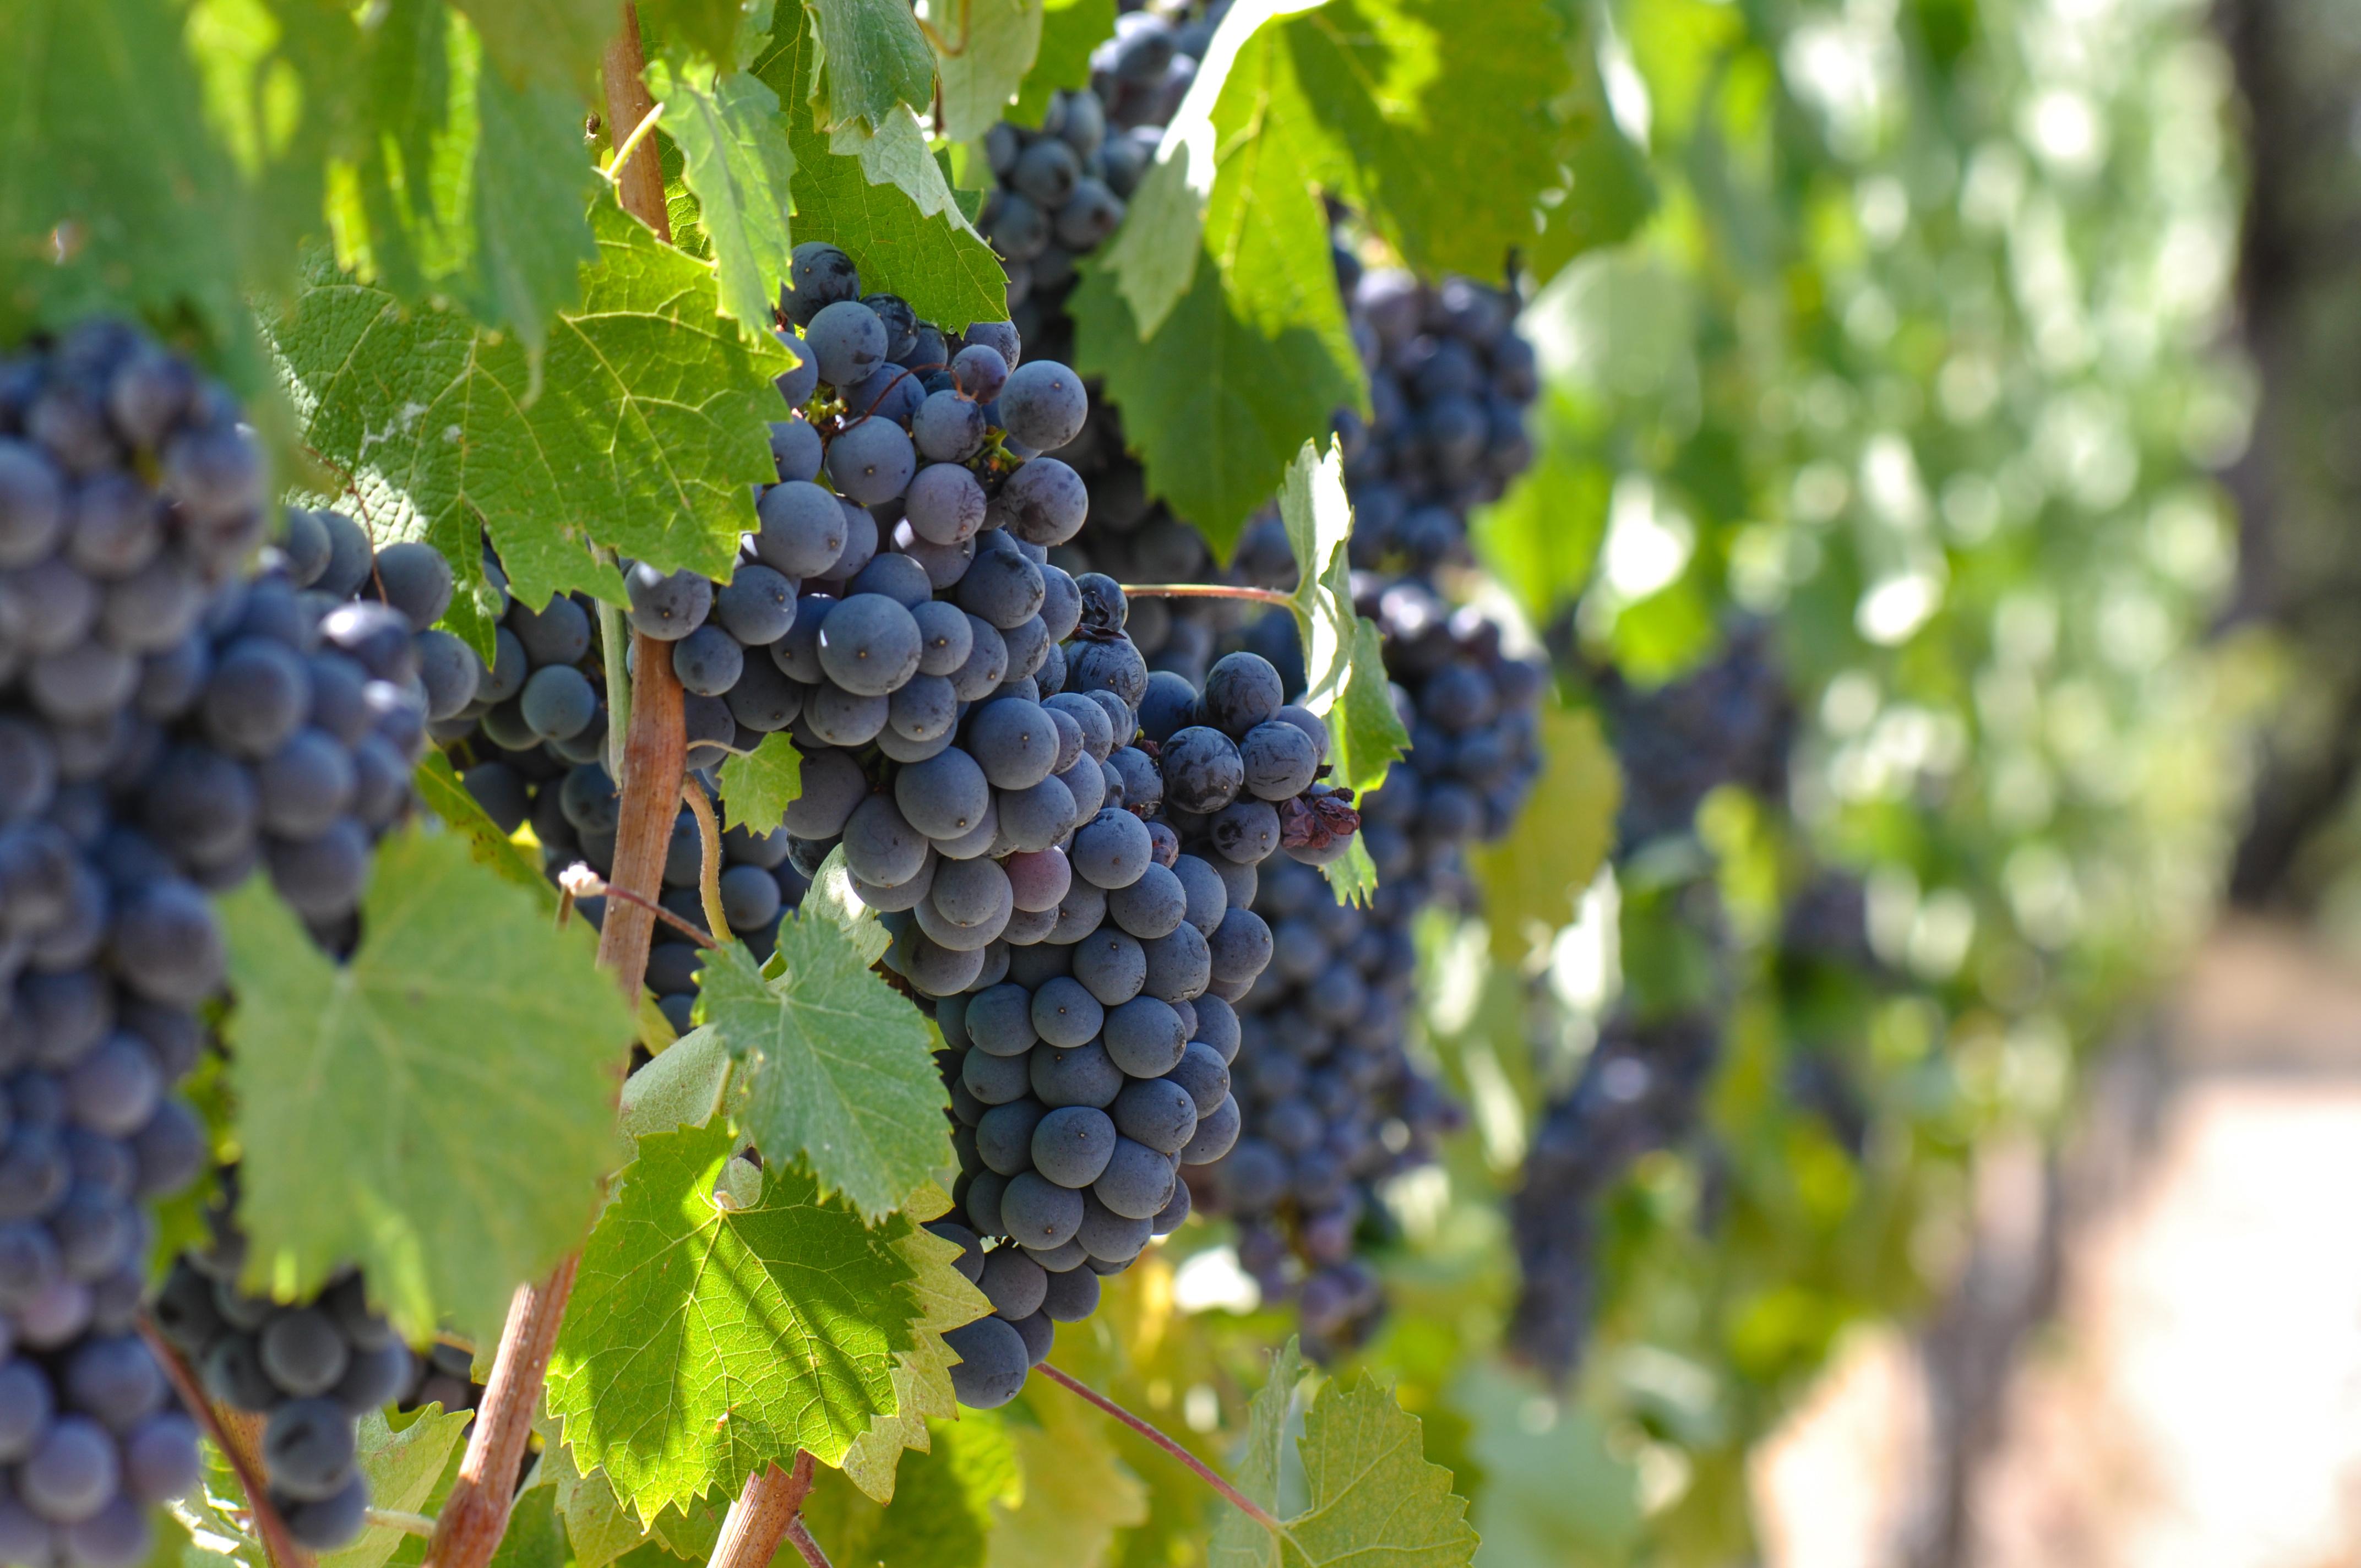 Red Grapes in a Vineyard Near Copper River, CA